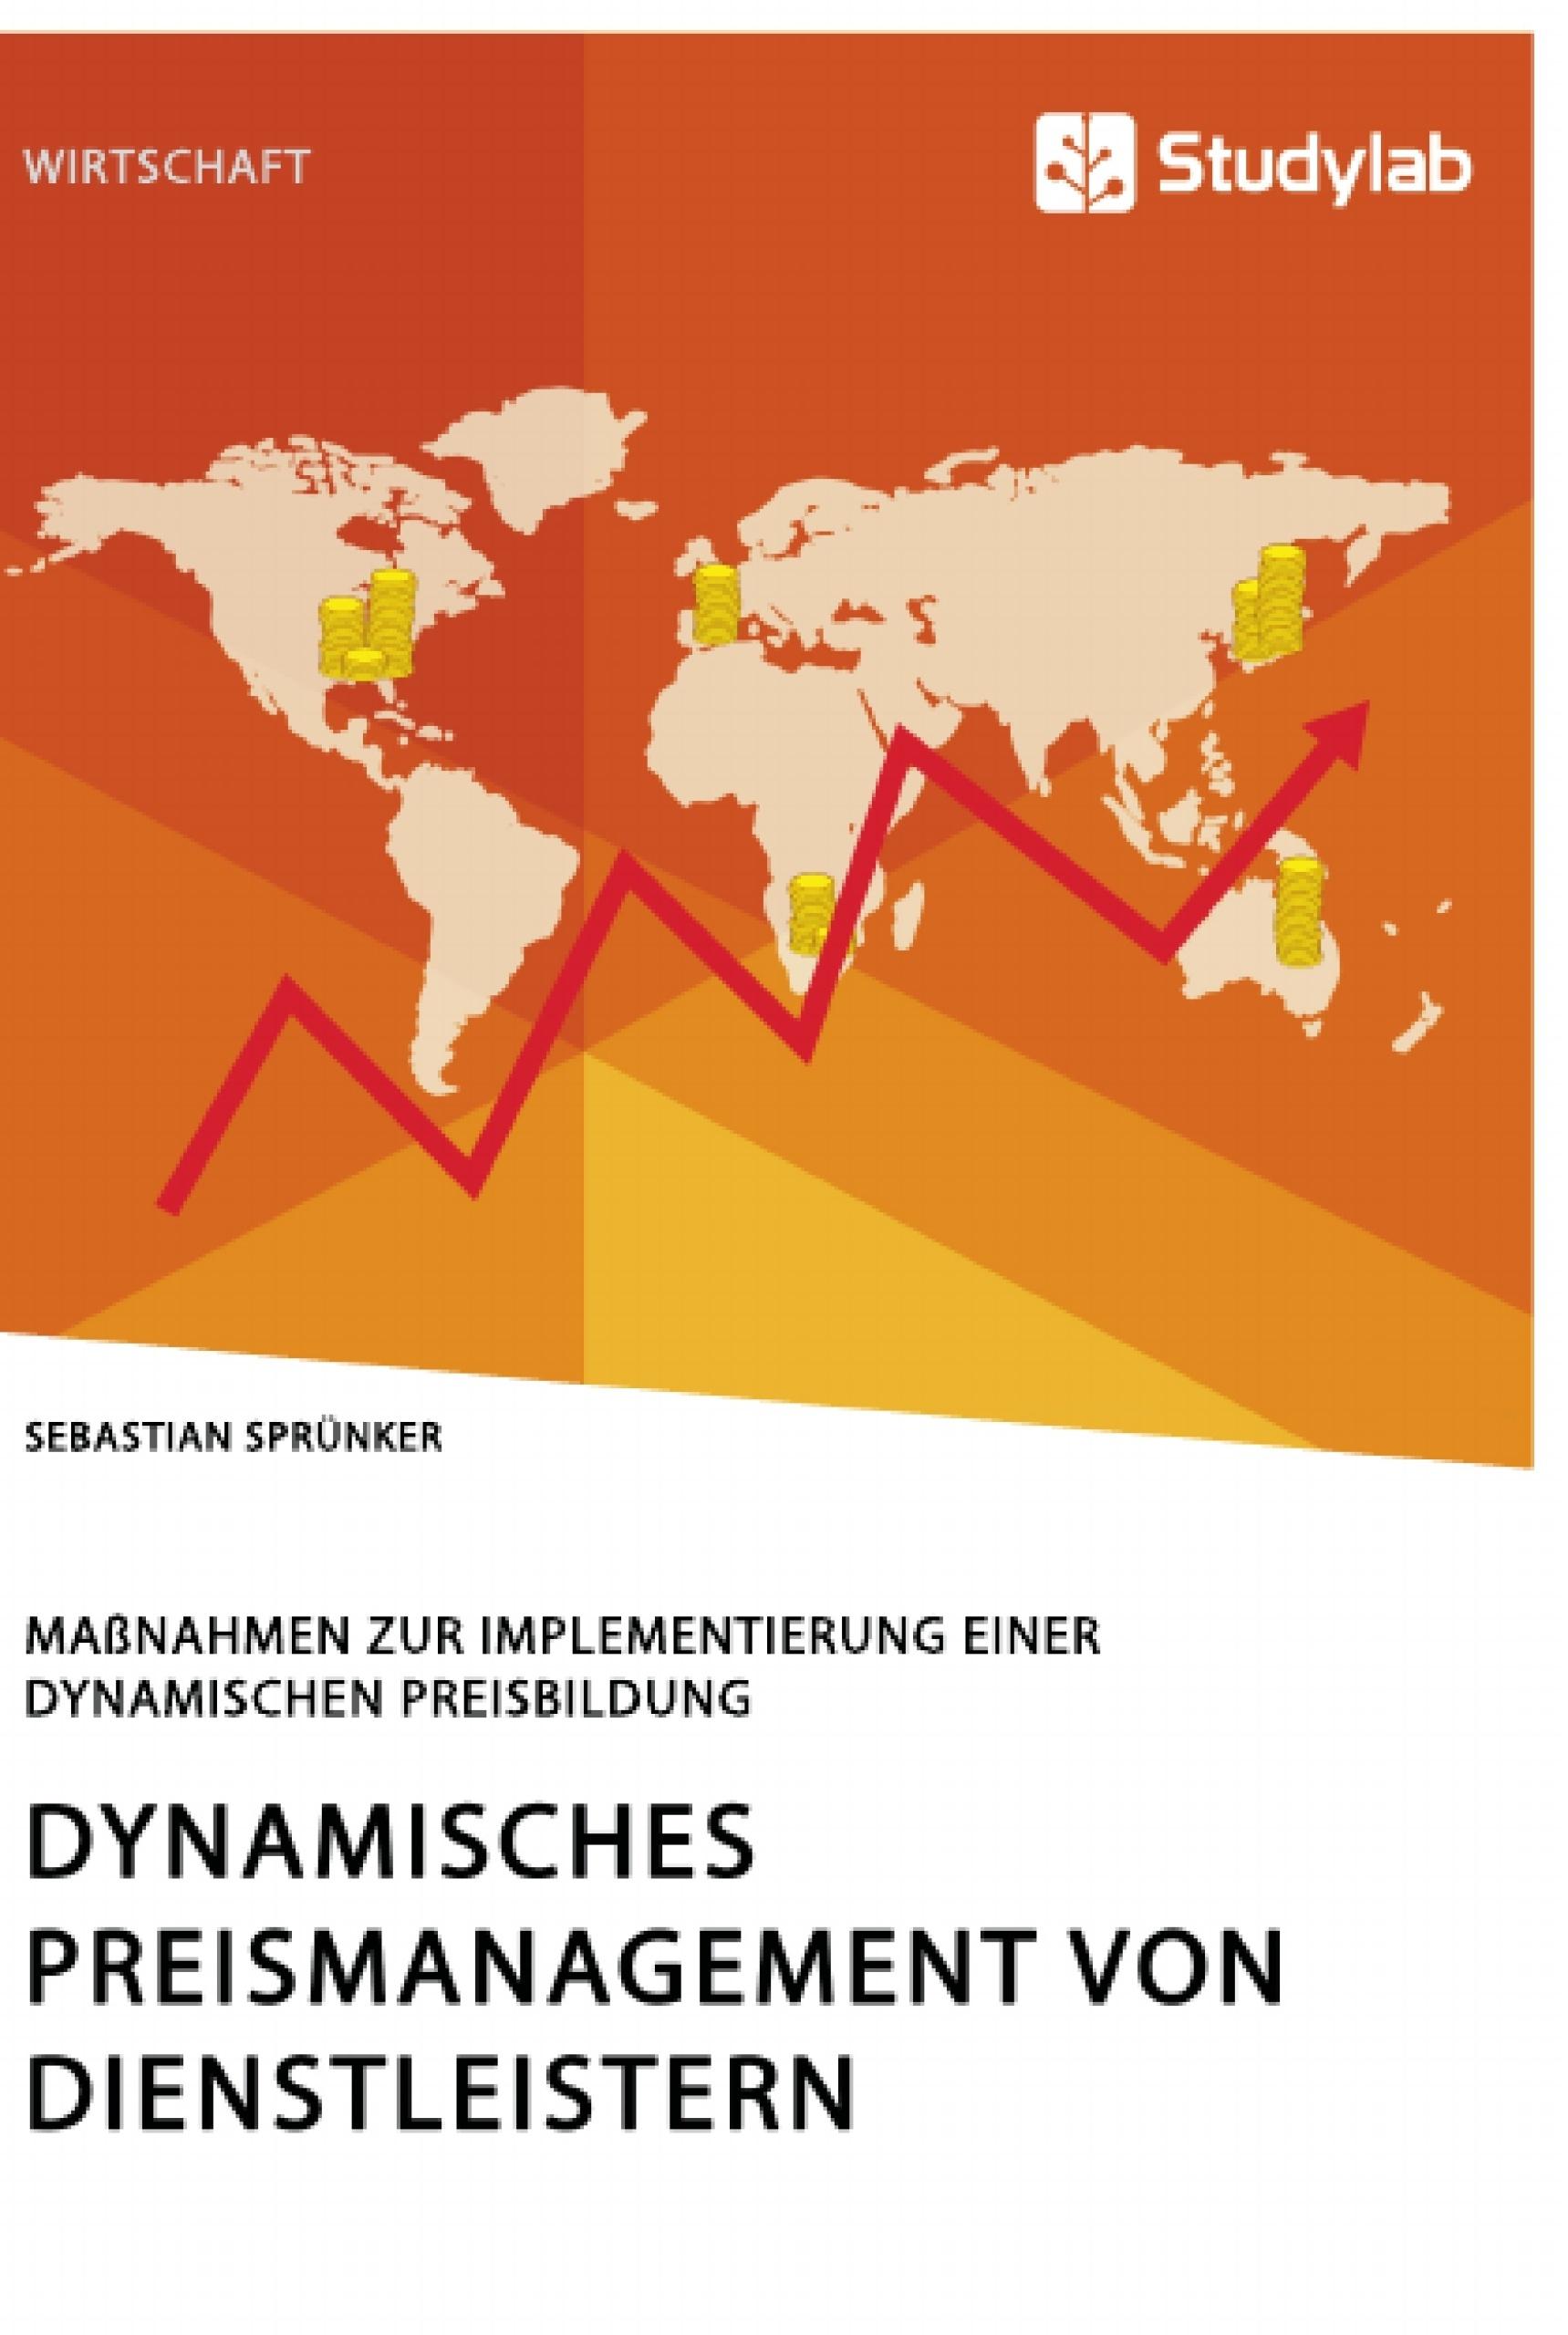 Titel: Dynamisches Preismanagement von Dienstleistern. Maßnahmen zur Implementierung einer dynamischen Preisbildung